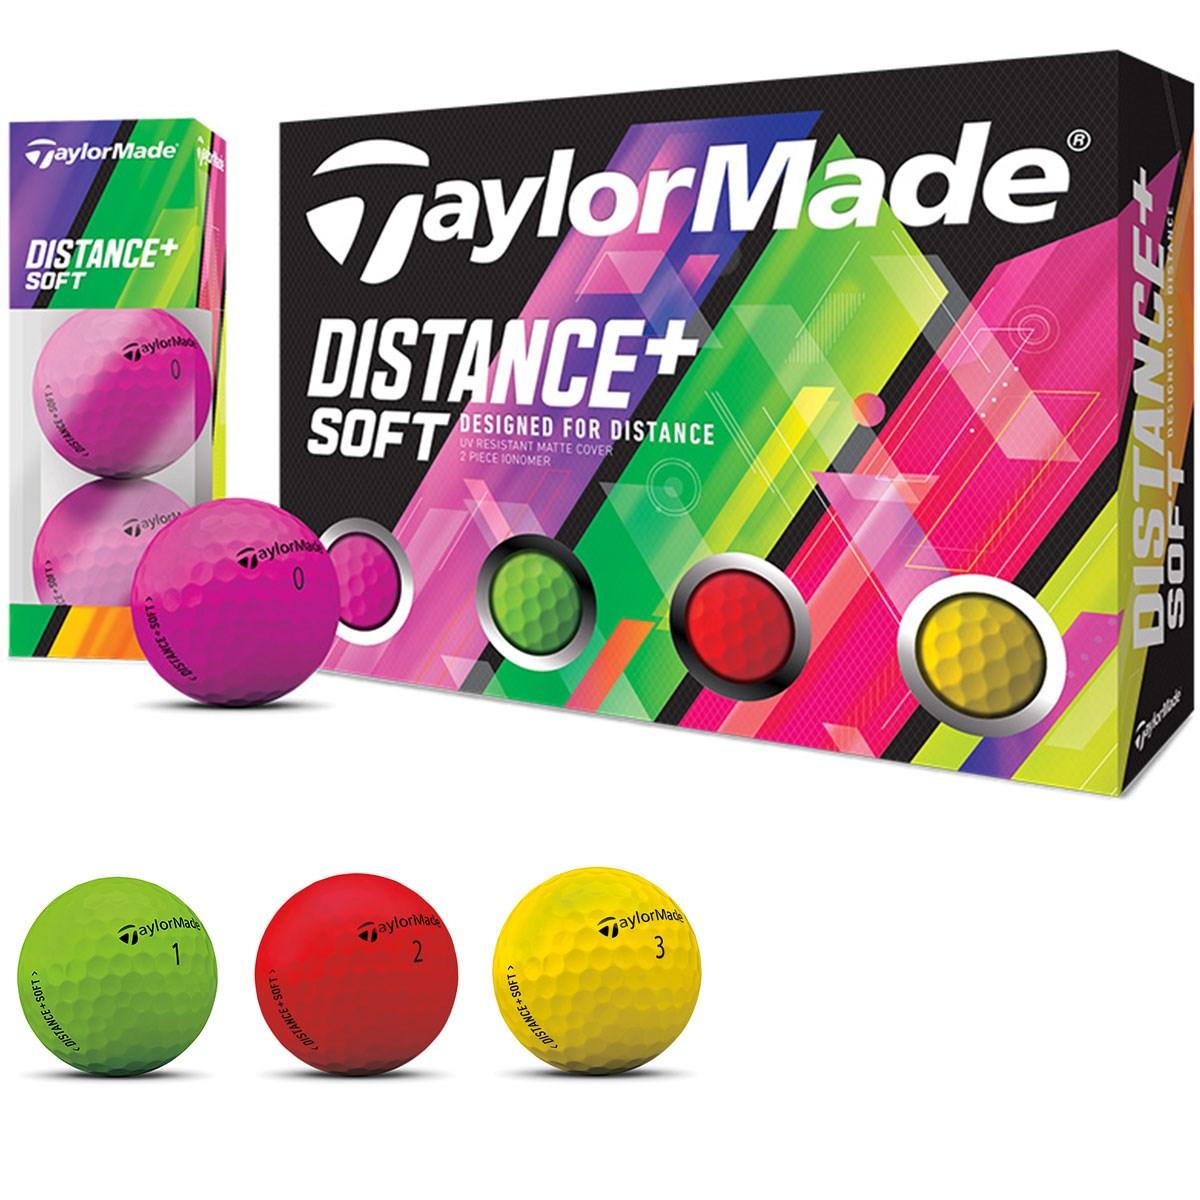 テーラーメイド DISTANCE+ Distance+ ソフト マルチカラーボール 3ダースセット 3ダース(36個入り) マルチ